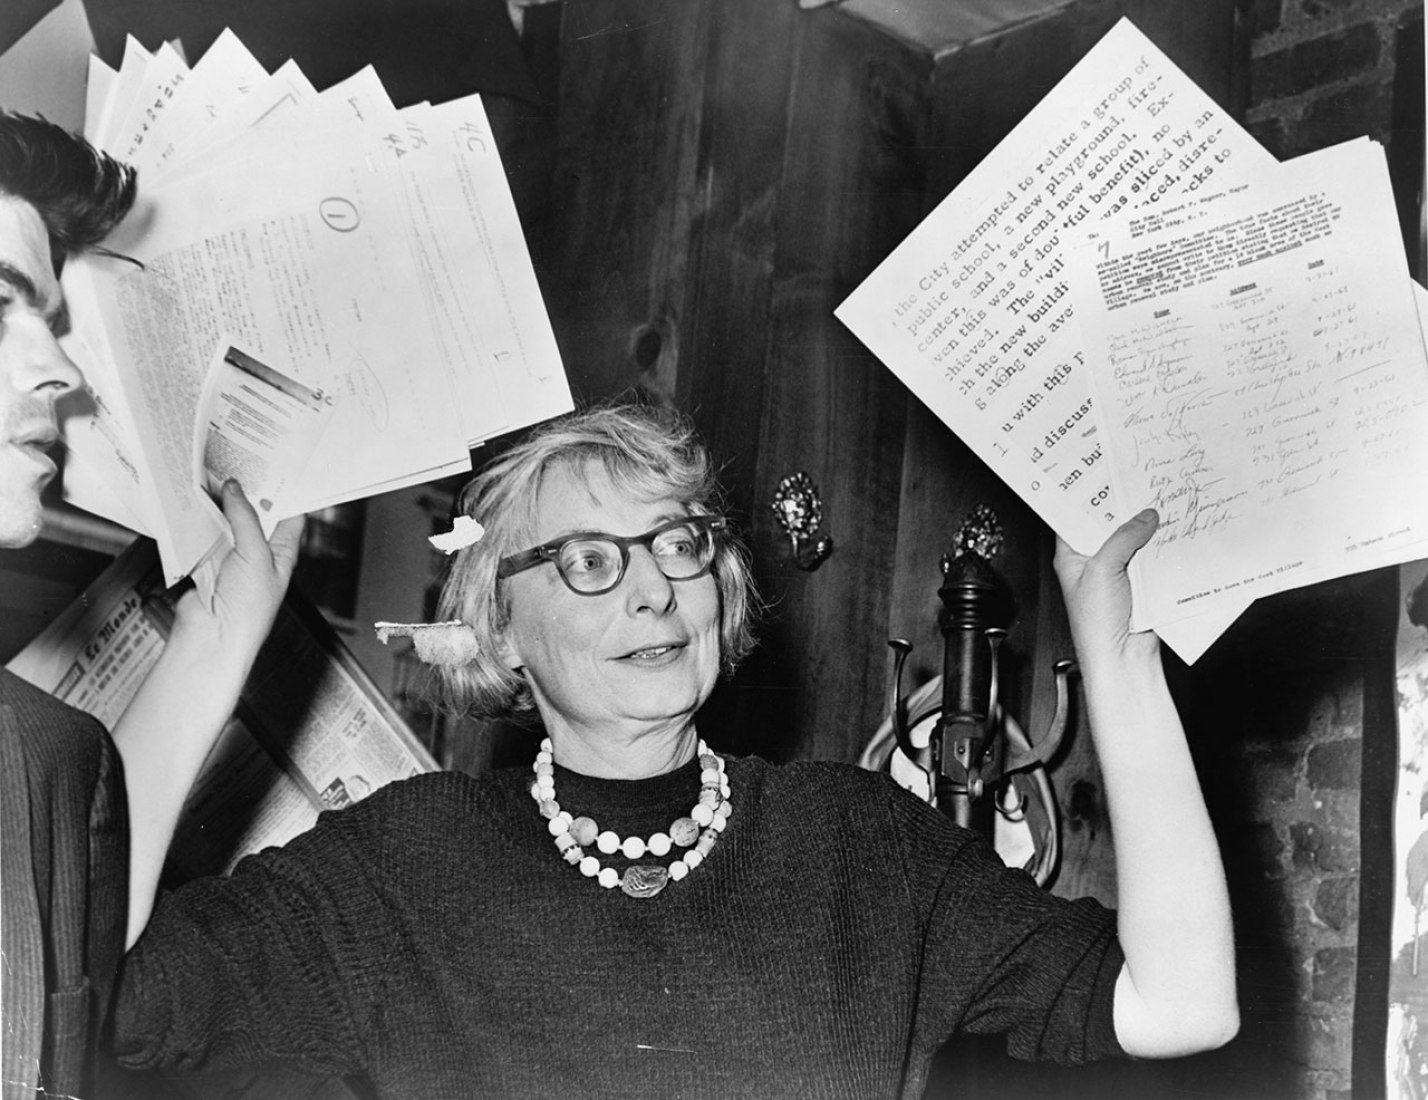 Jane Jacobs en 1961. Fotografía © Phil Stanziola. Imagen cortesía de la Biblioteca del Congreso de los EEUU.